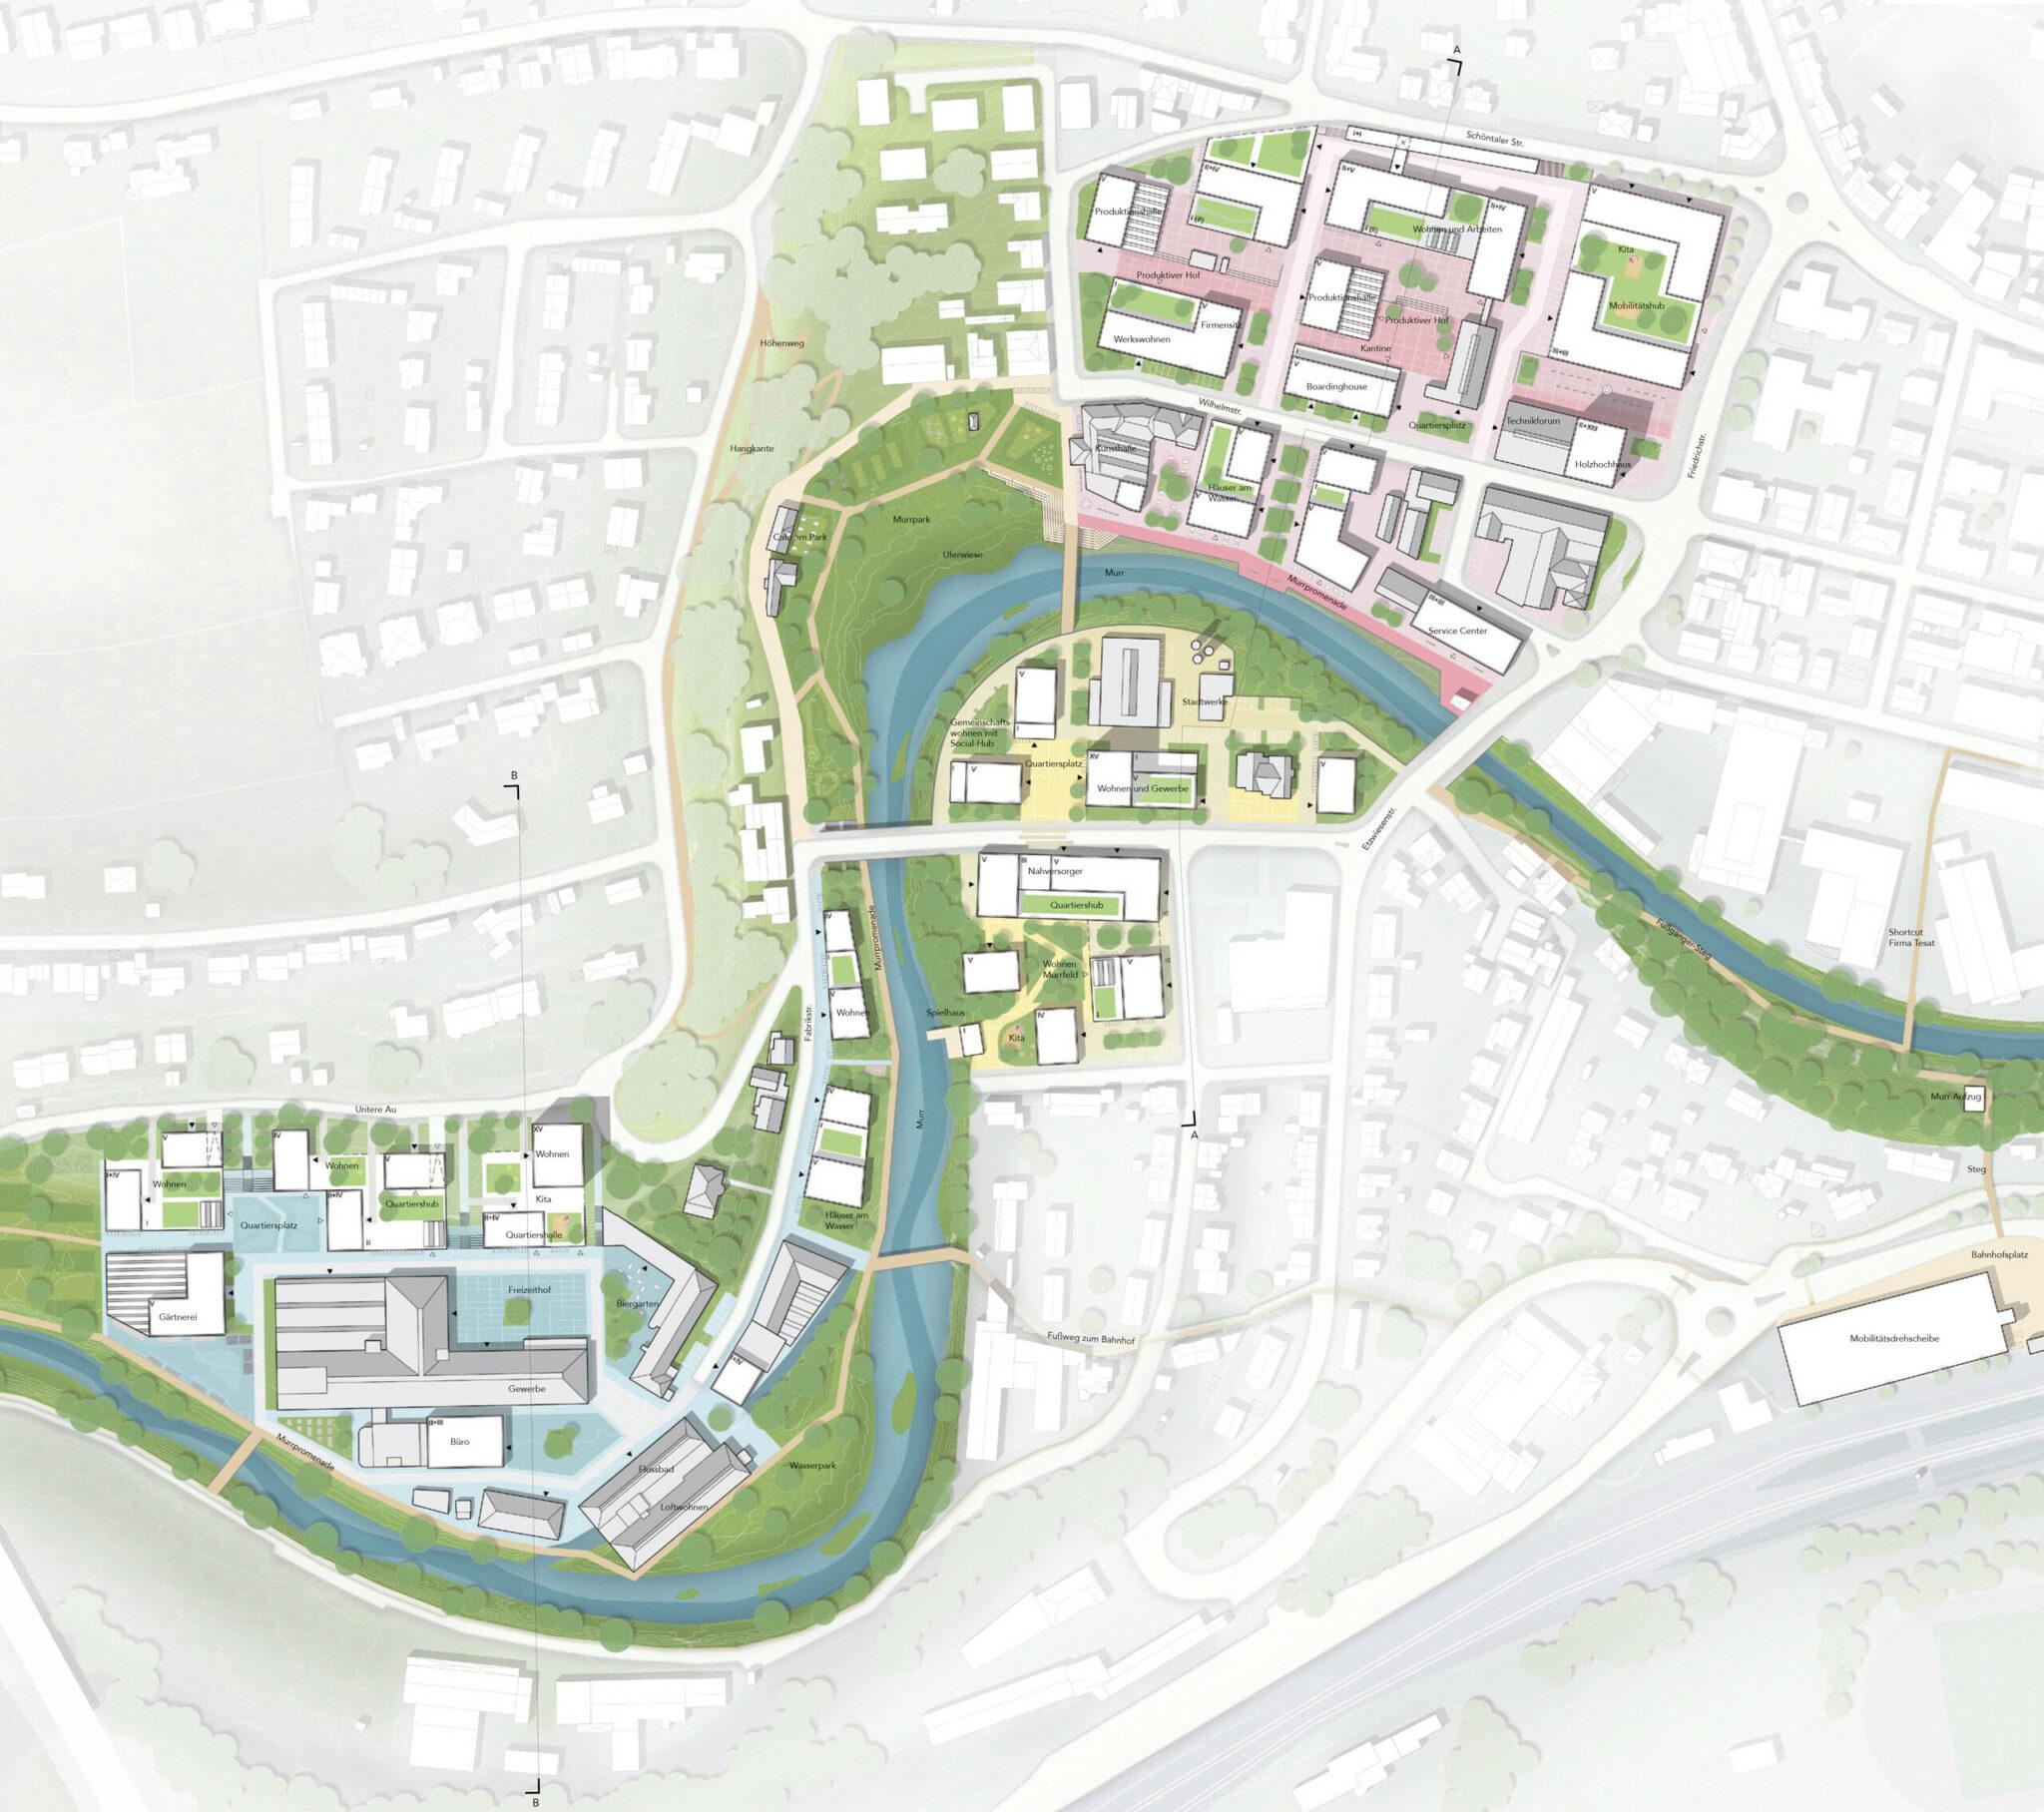 Wettbewerb »Quartier Backnang West«: Lageplan zum Entwurf von Teleinternetcafe Architektur und Urbanismus zusammen mit Treibhaus Landschaftsarchitektur (Bild: Teleinternetcafe/Treibhaus)